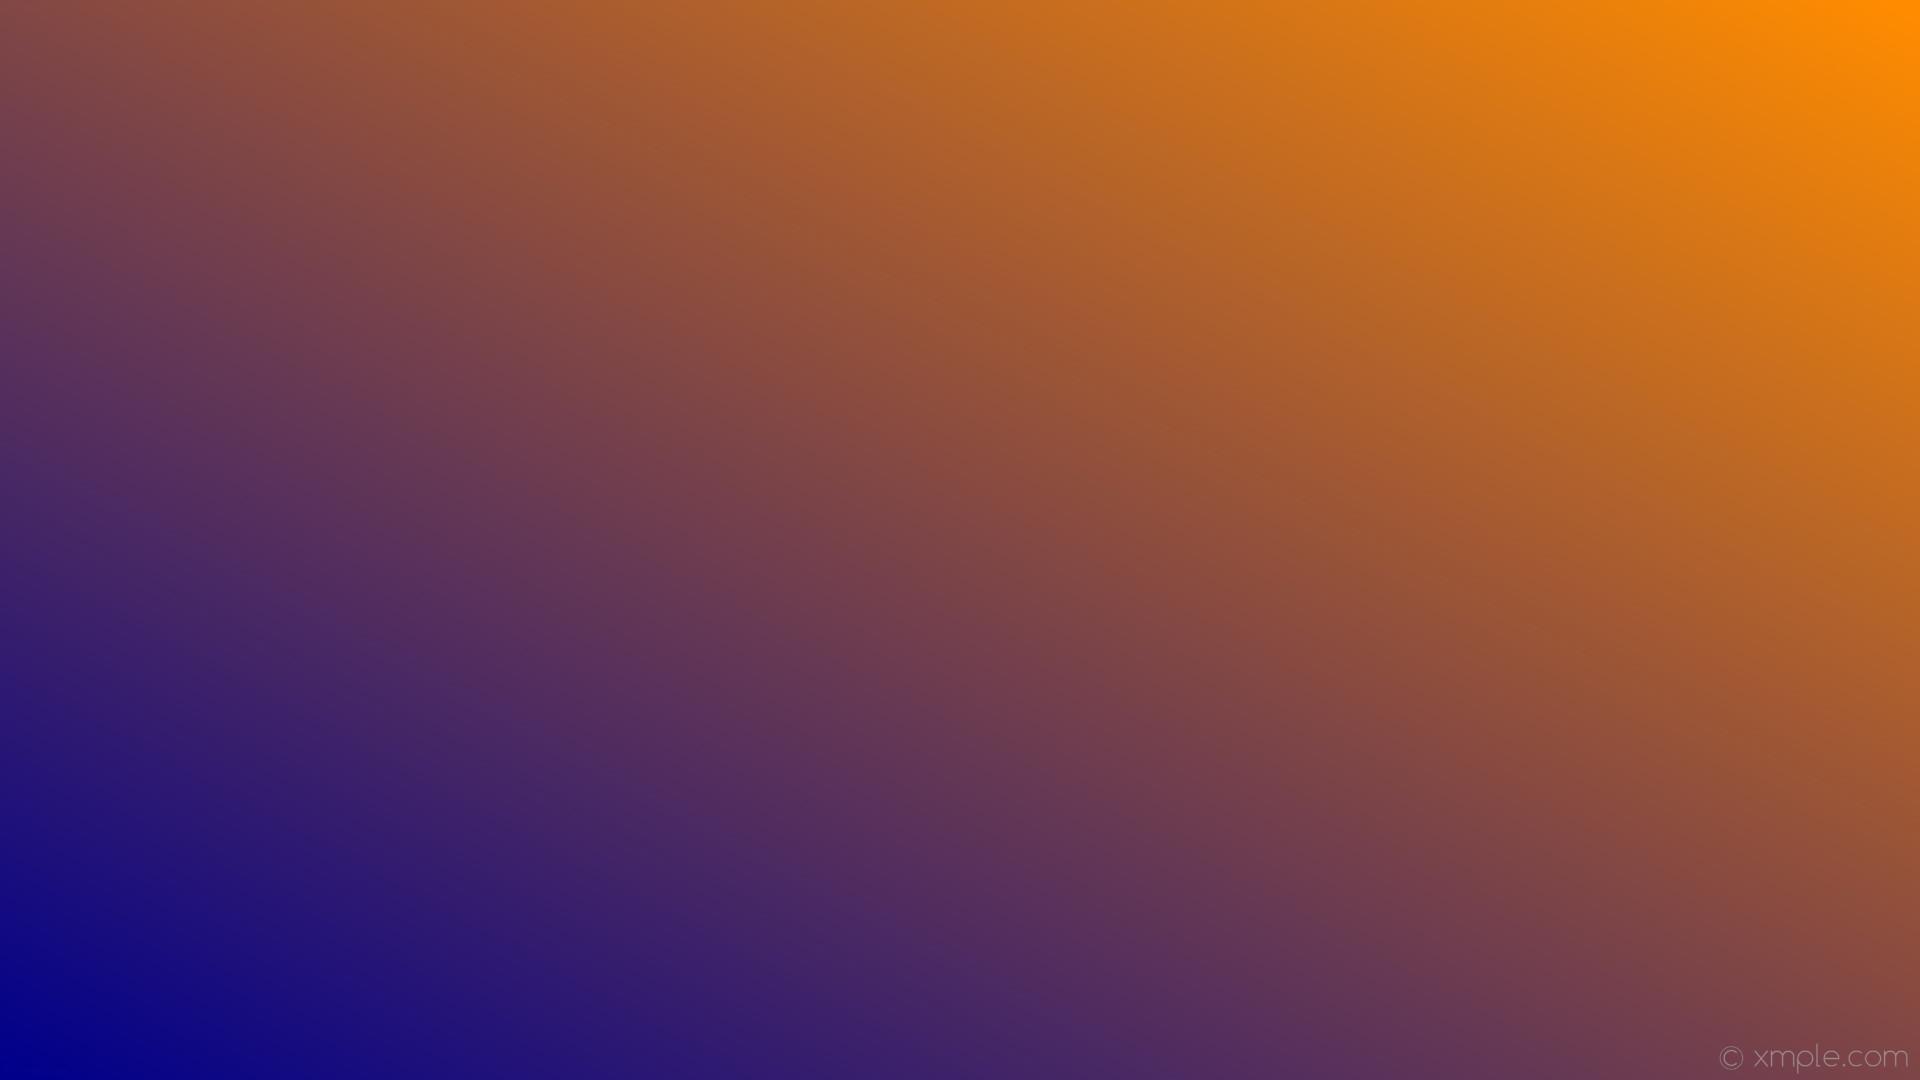 wallpaper linear gradient orange blue dark orange dark blue #ff8c00 #00008b  30°